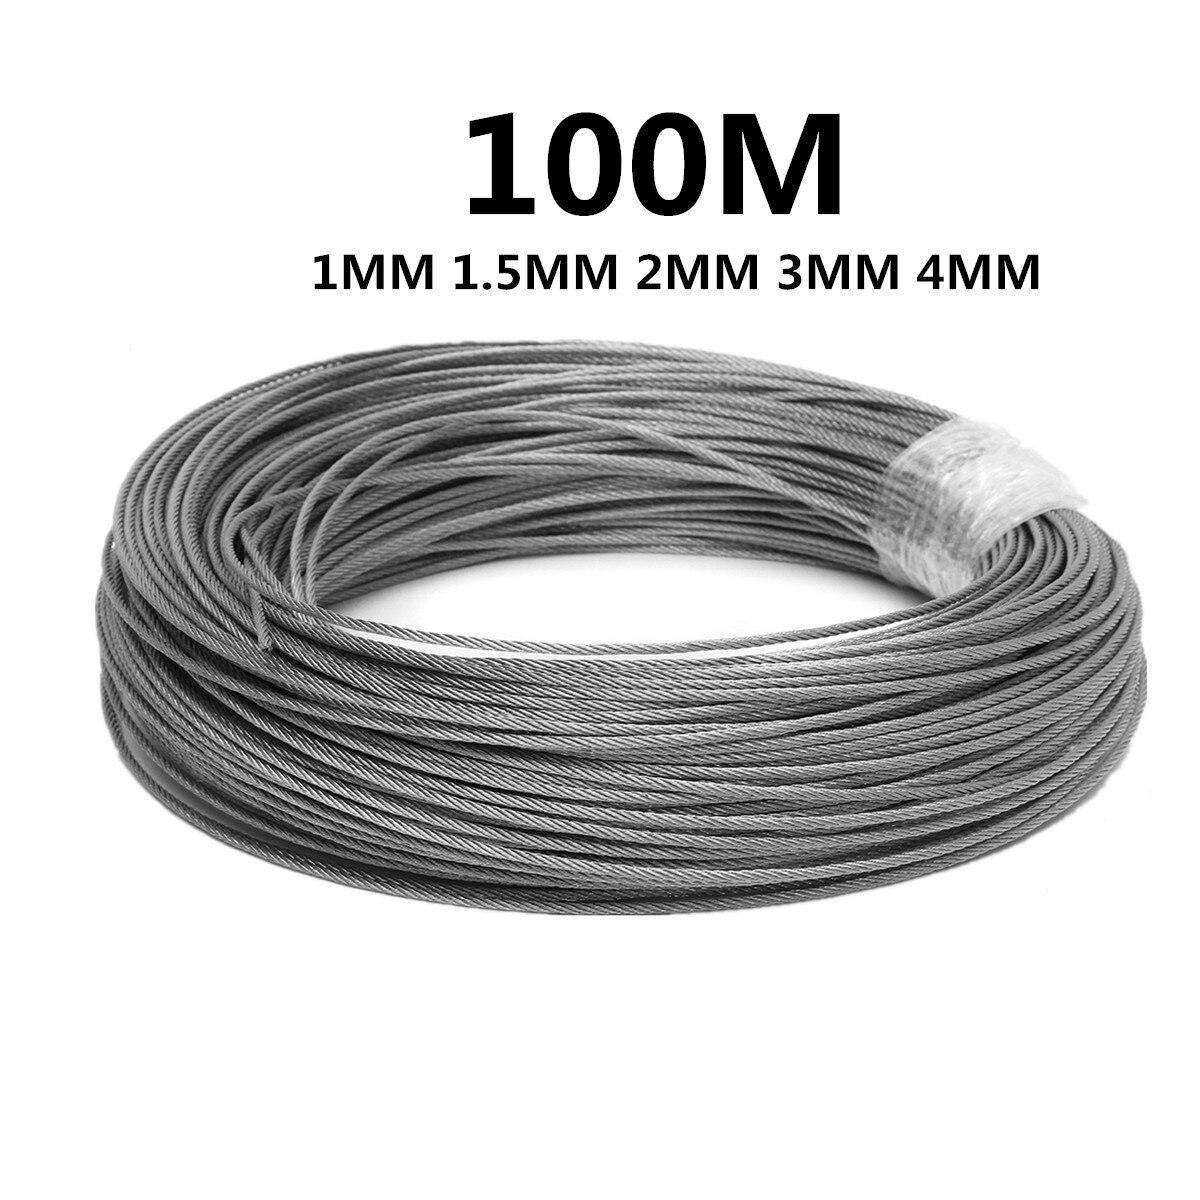 100M 50M304 acier inoxydable 1mm 1.5mm 2mm diamètre acier fil nu câble de levage ligne corde à linge antirouille 7X7